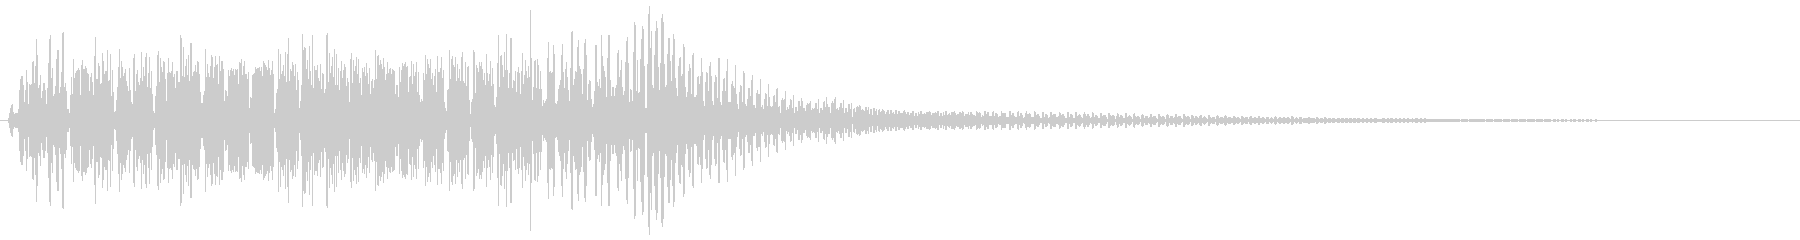 ビニョン。はね返る・踏みつける音(高)の未再生の波形